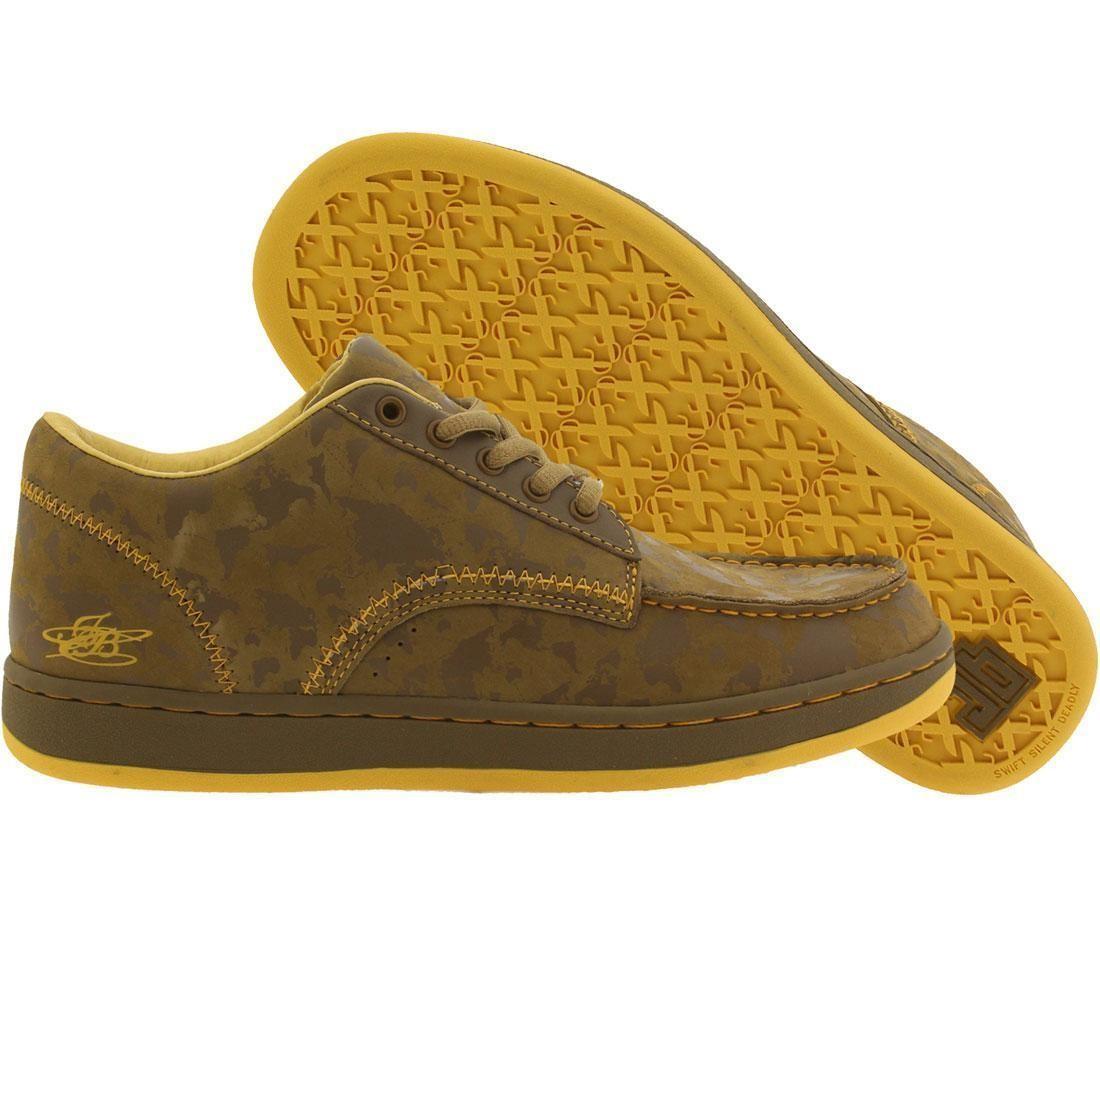 【海外限定】スニーカー 靴 【 JB CLASSICS SDM LOW GLOBES BROWN YELLOW 】